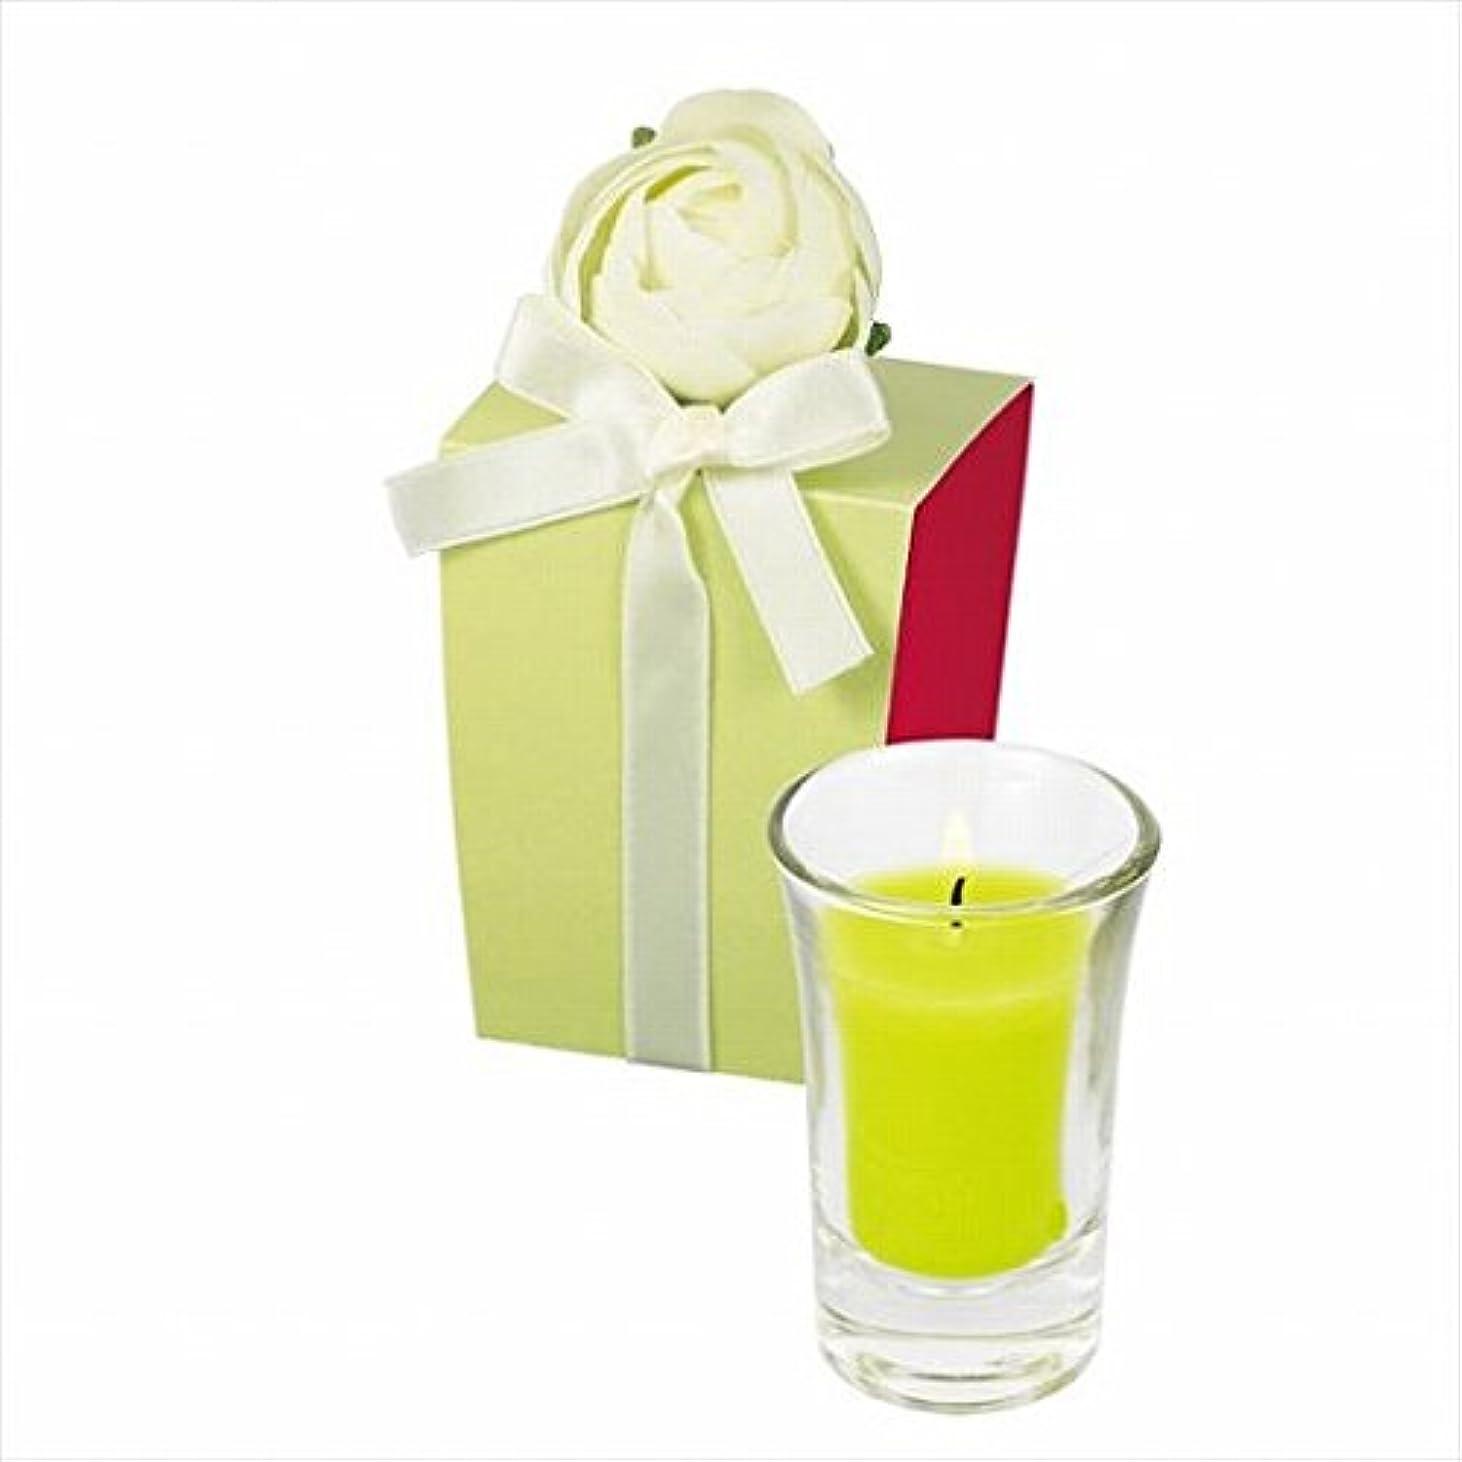 一般的に毒性照らすカメヤマキャンドル(kameyama candle) ラナンキュラスグラスキャンドル 「 ライトグリーン 」